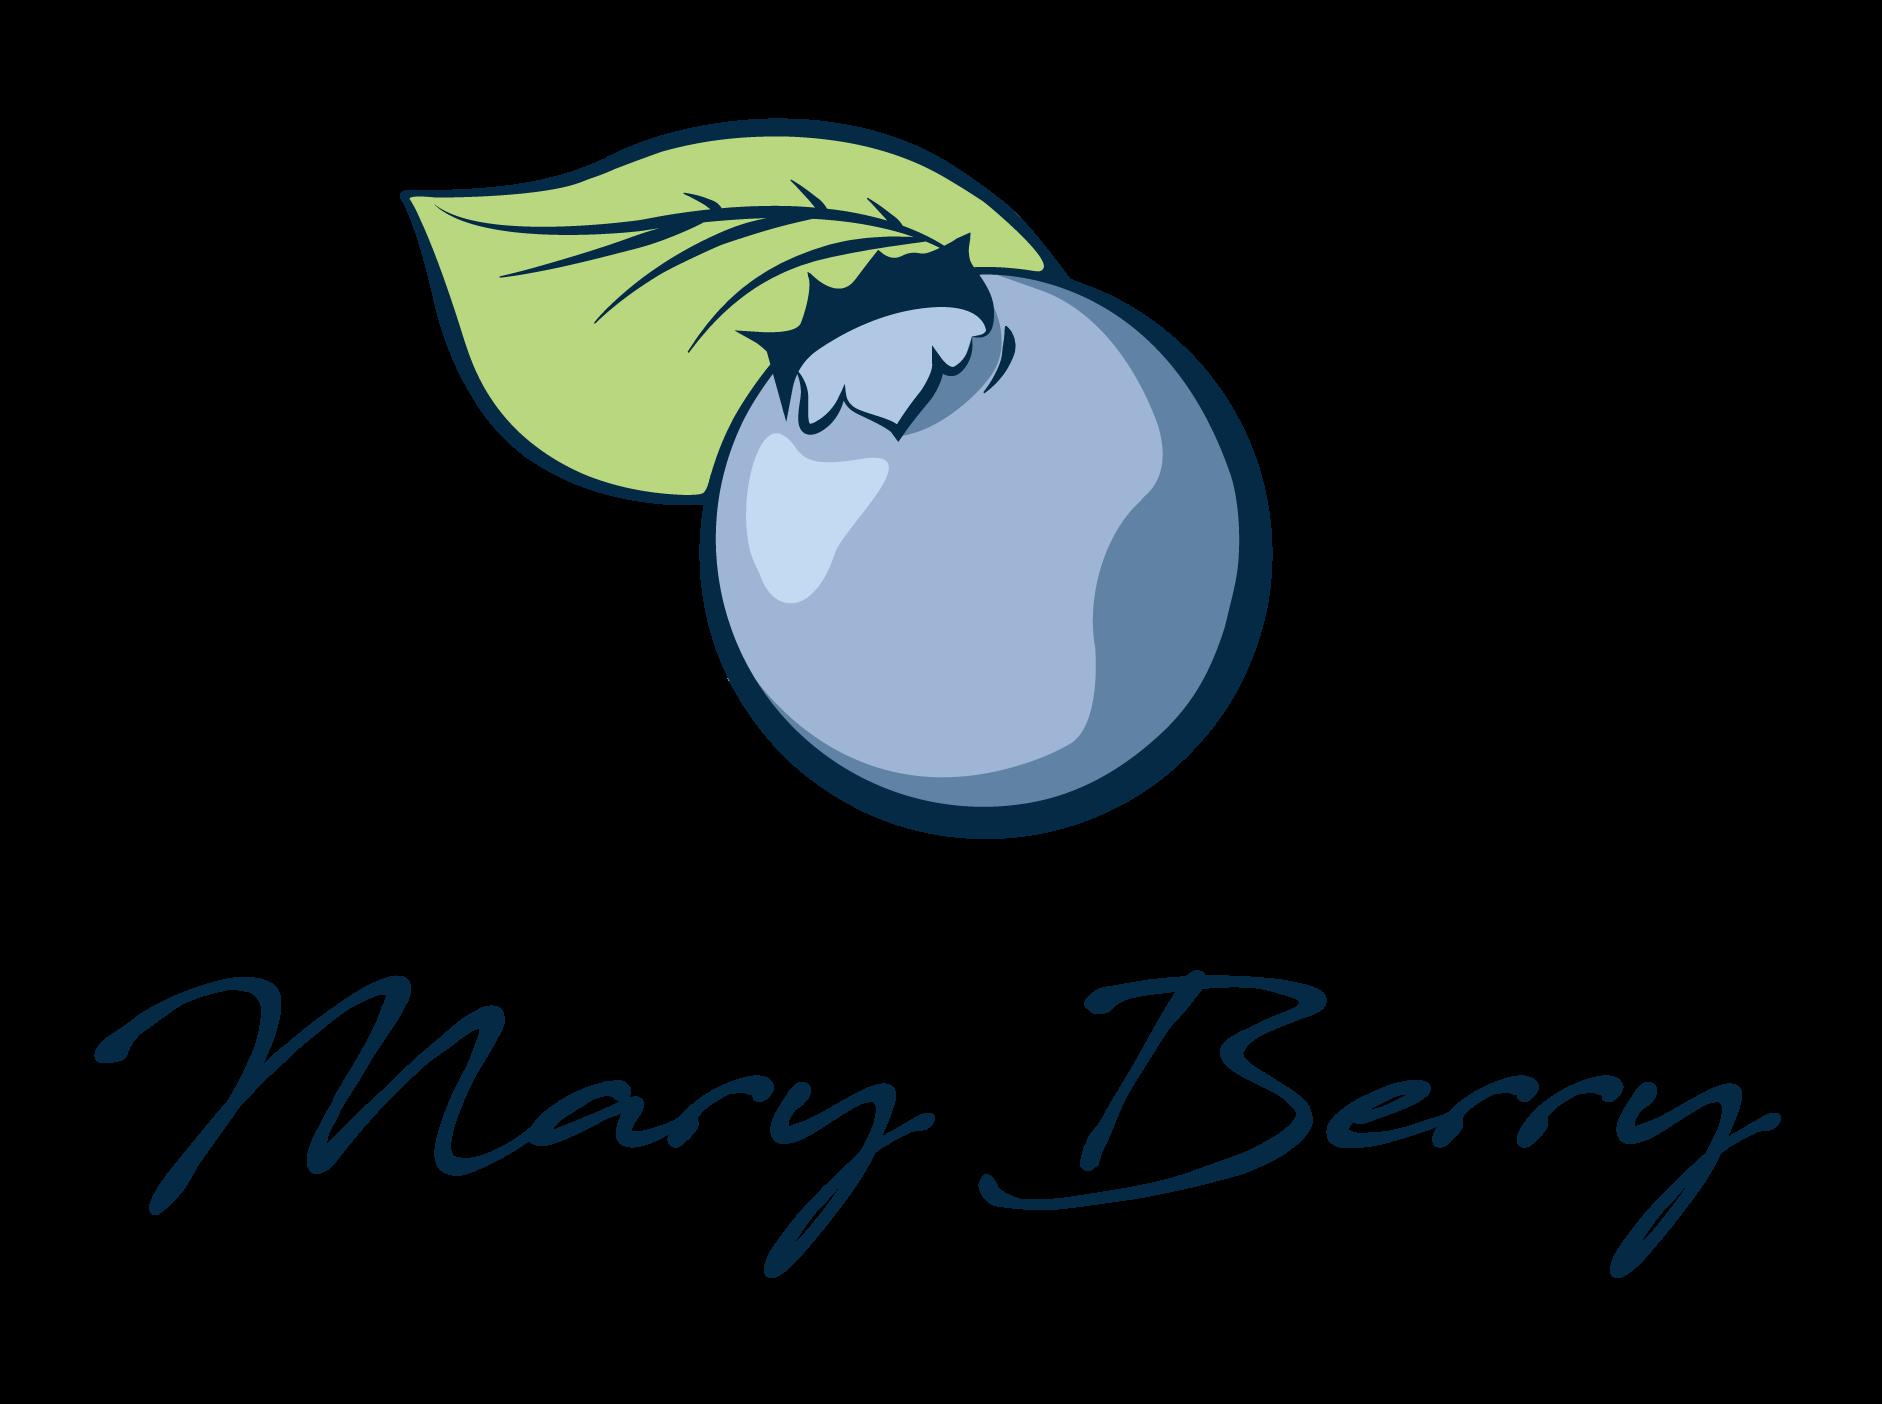 MARY BERRY – artykuły dla dzieci i niemowląt według własnego projektu